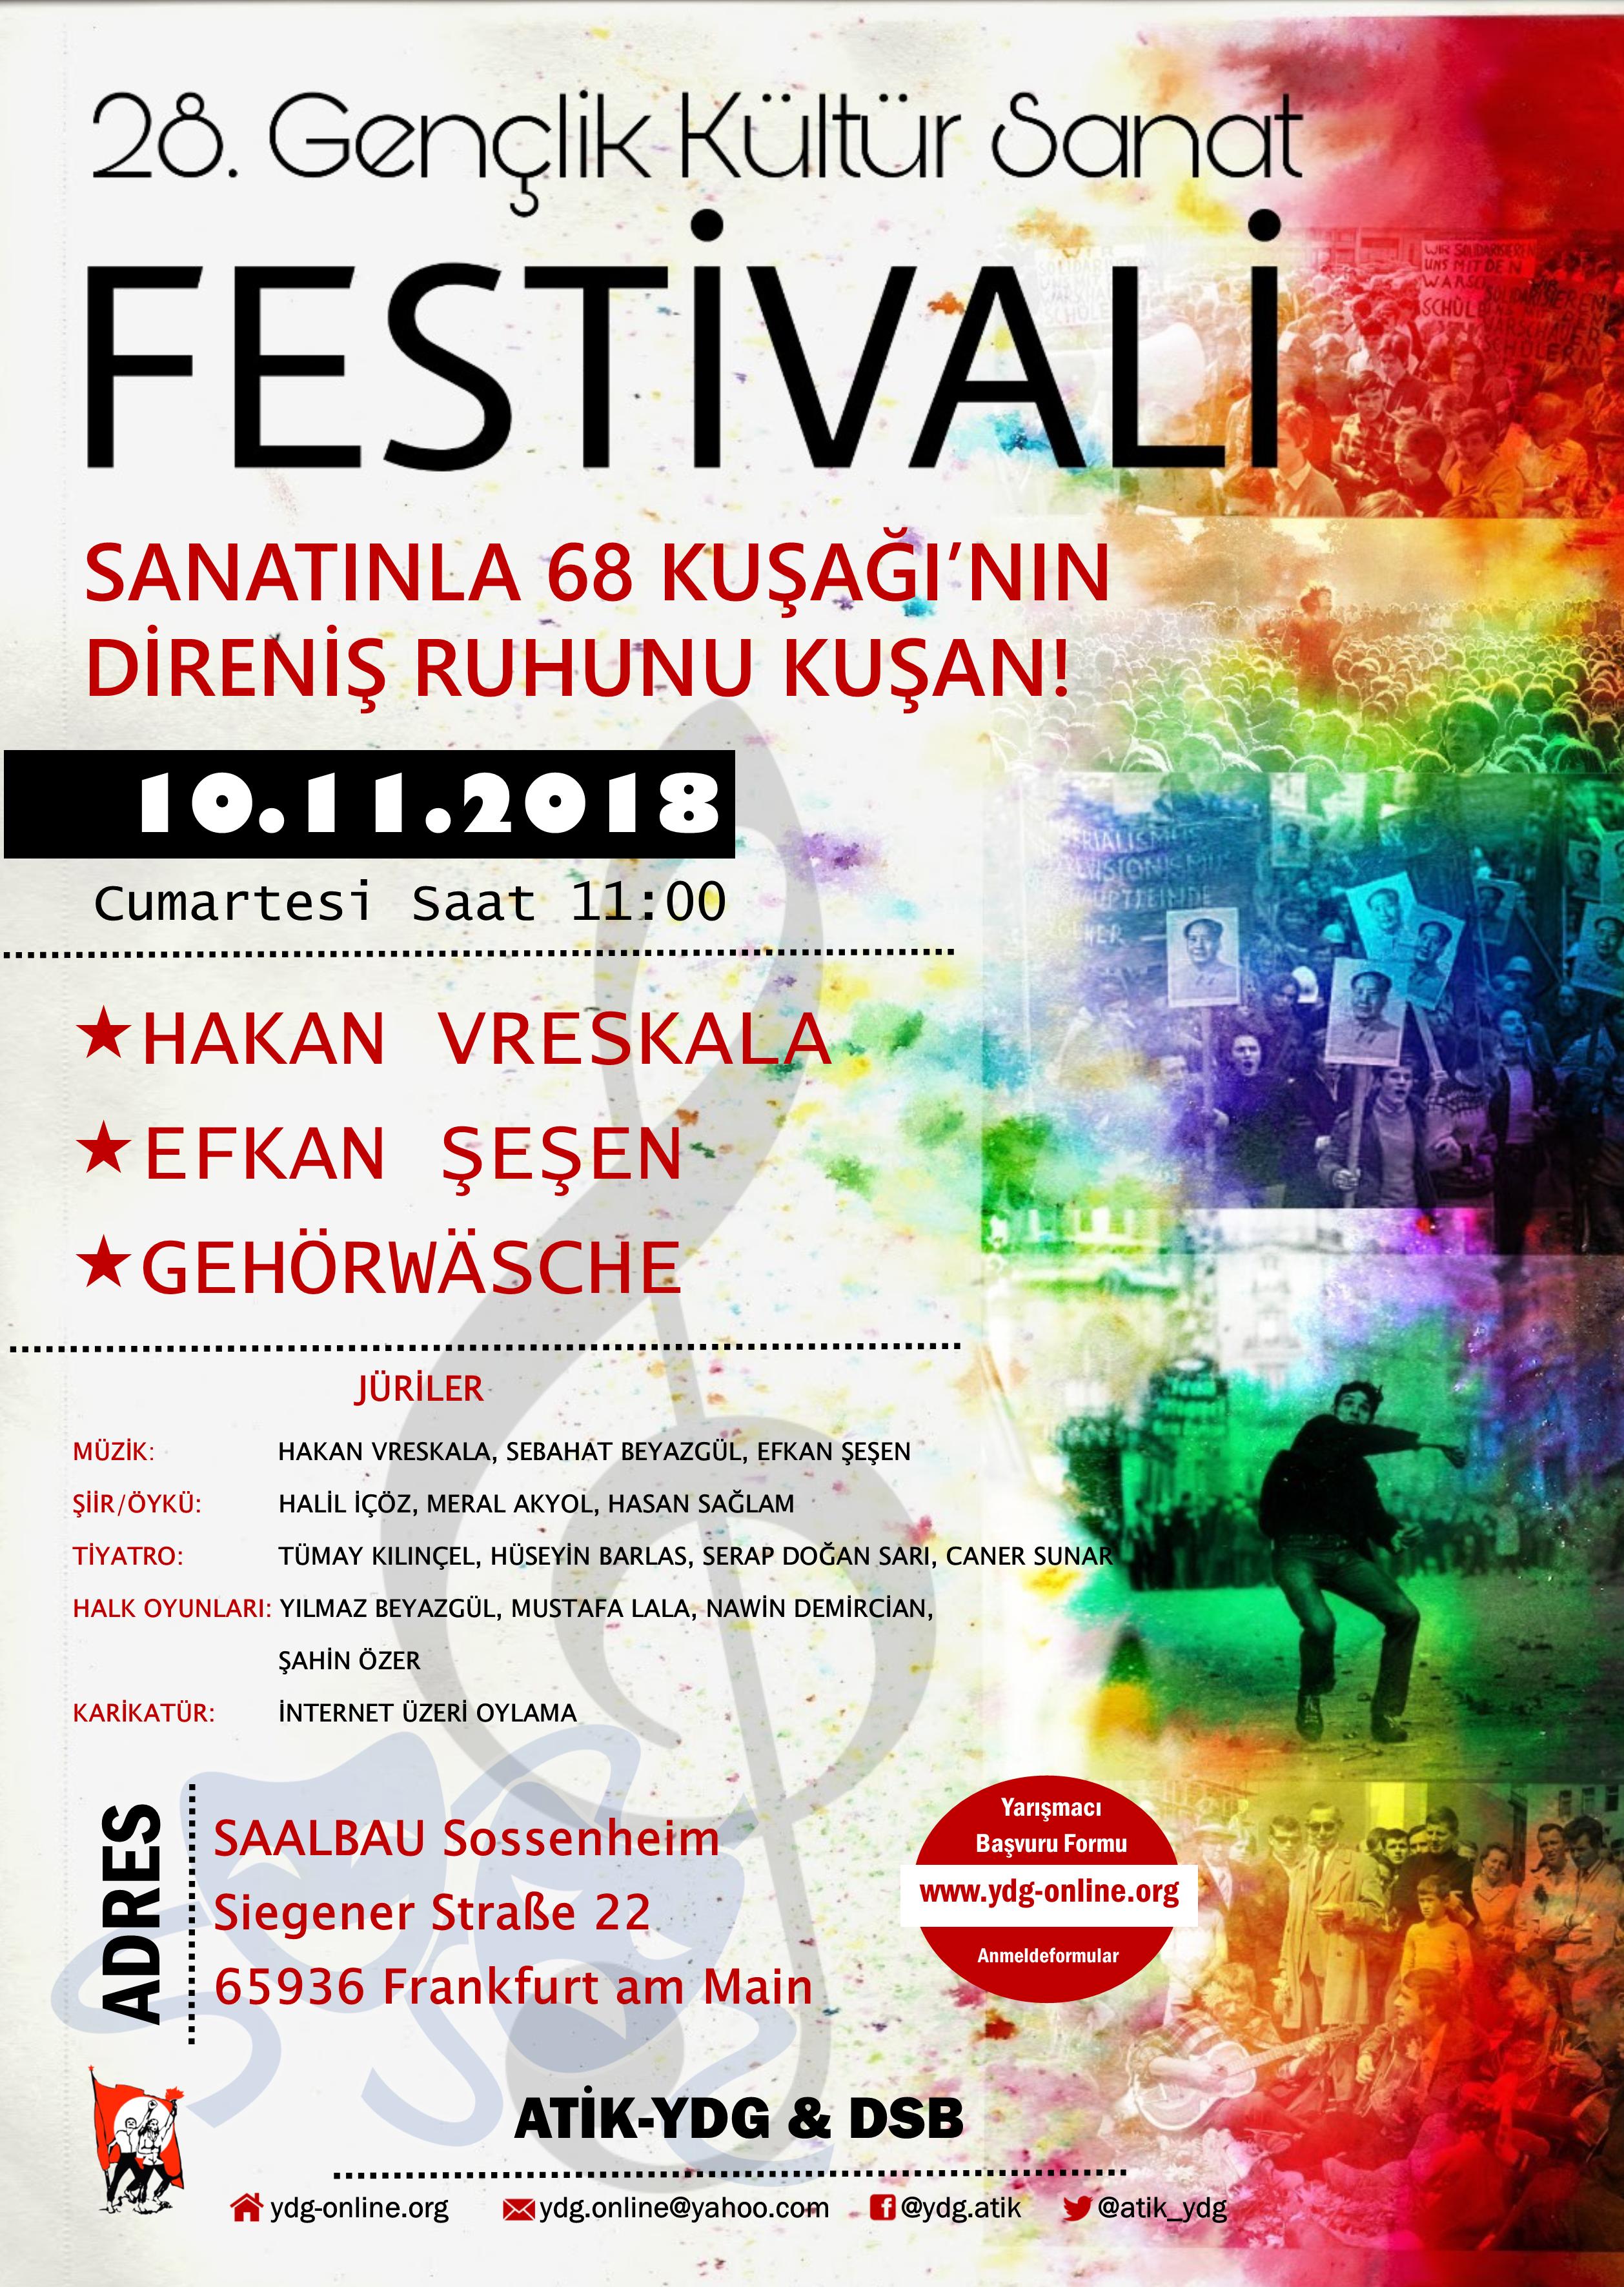 28. Gençlik Kültür Sanat Festivali